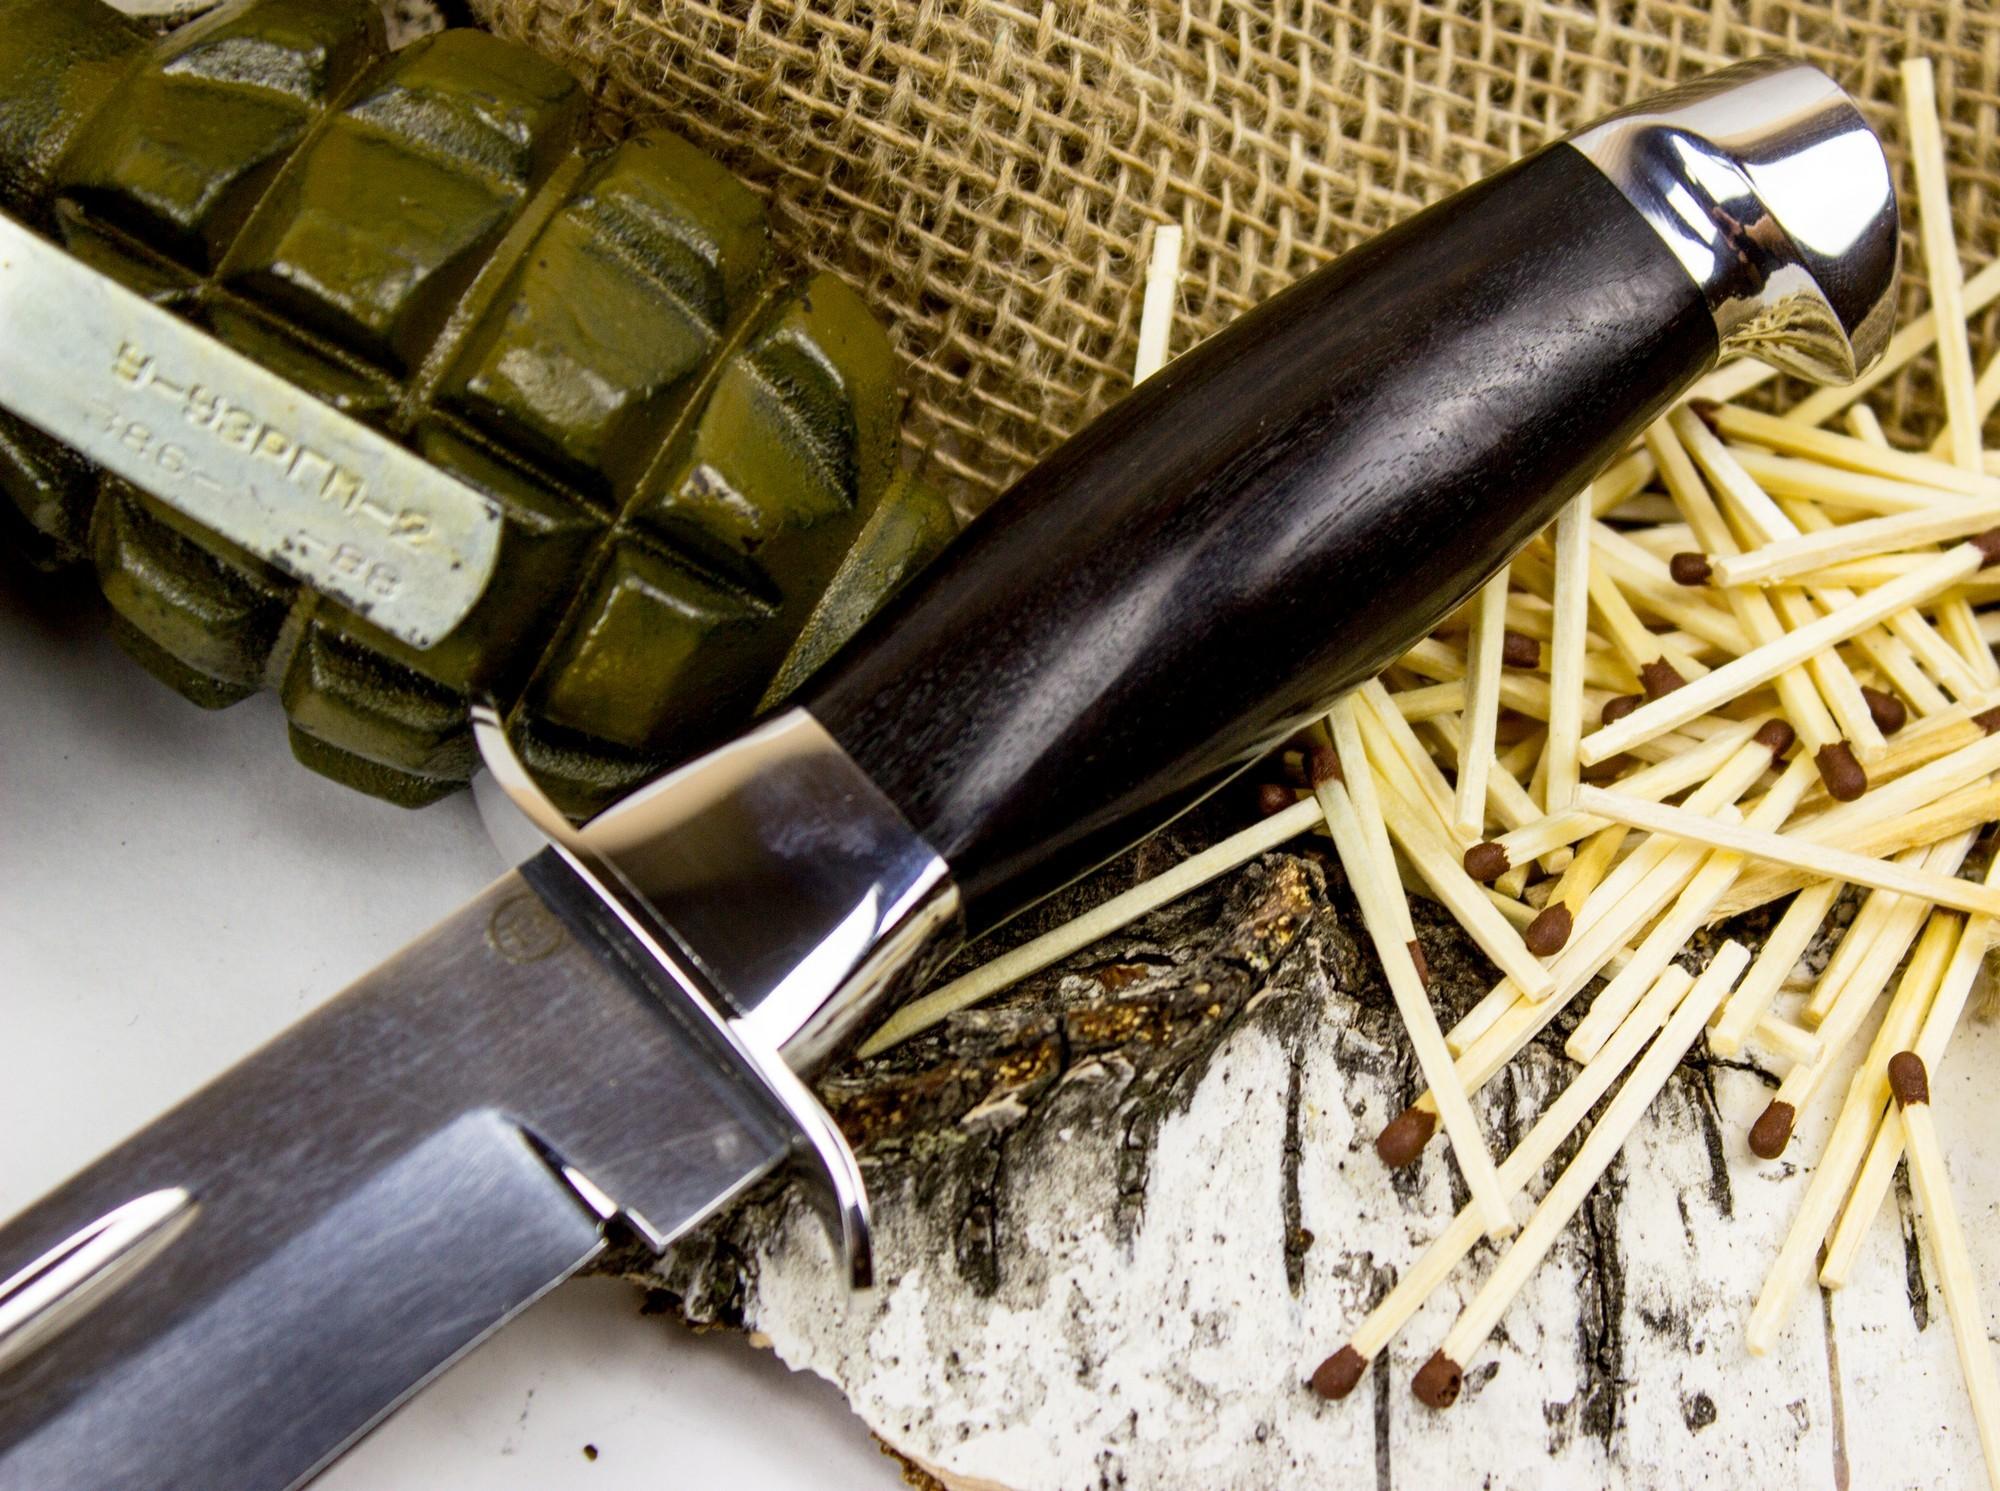 Фото 4 - Нож Макс, сталь 95х18, граб от Титов и Солдатова